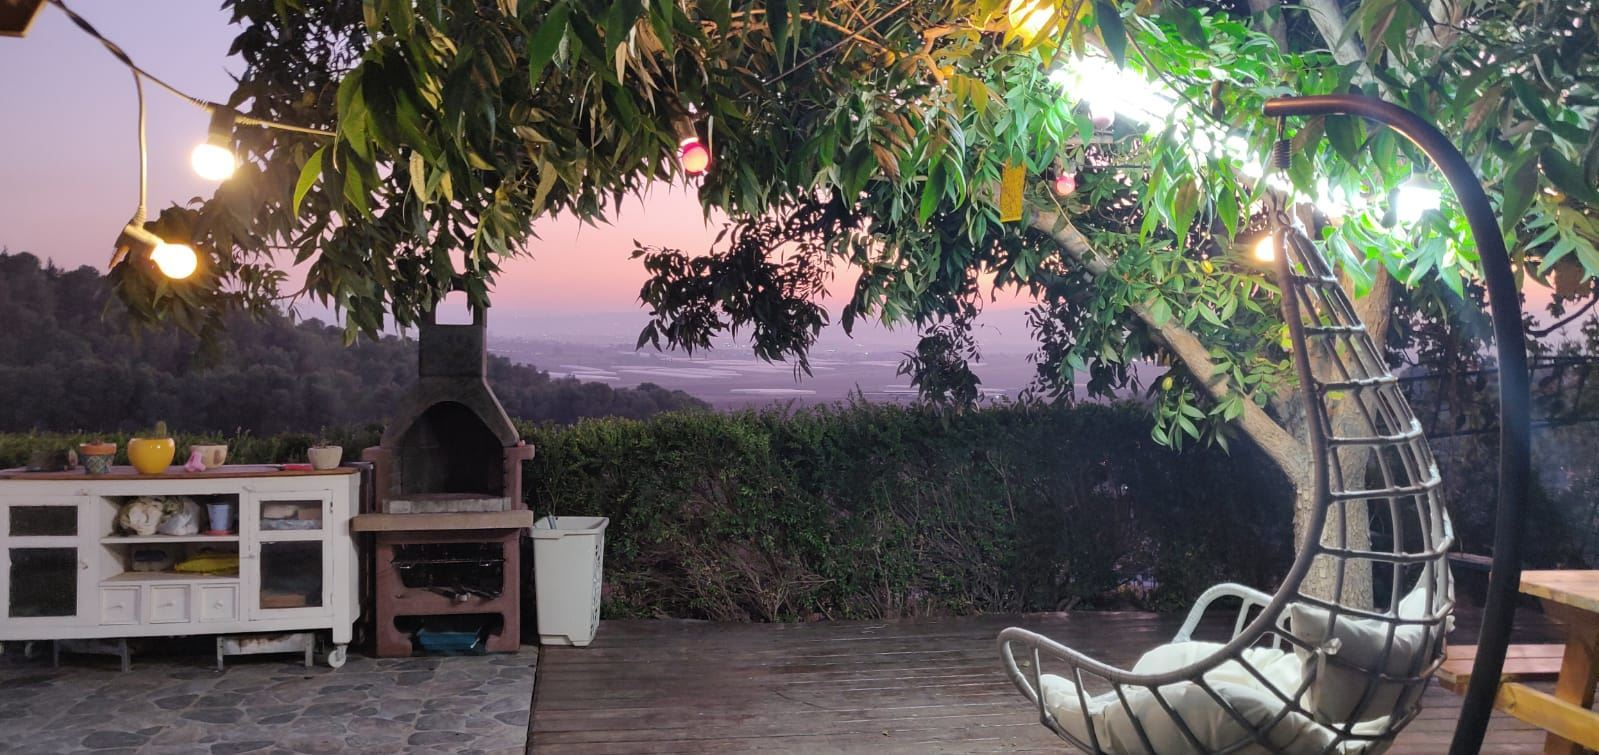 תמונה של למכירה בית קרקע ביישוב גן-נר